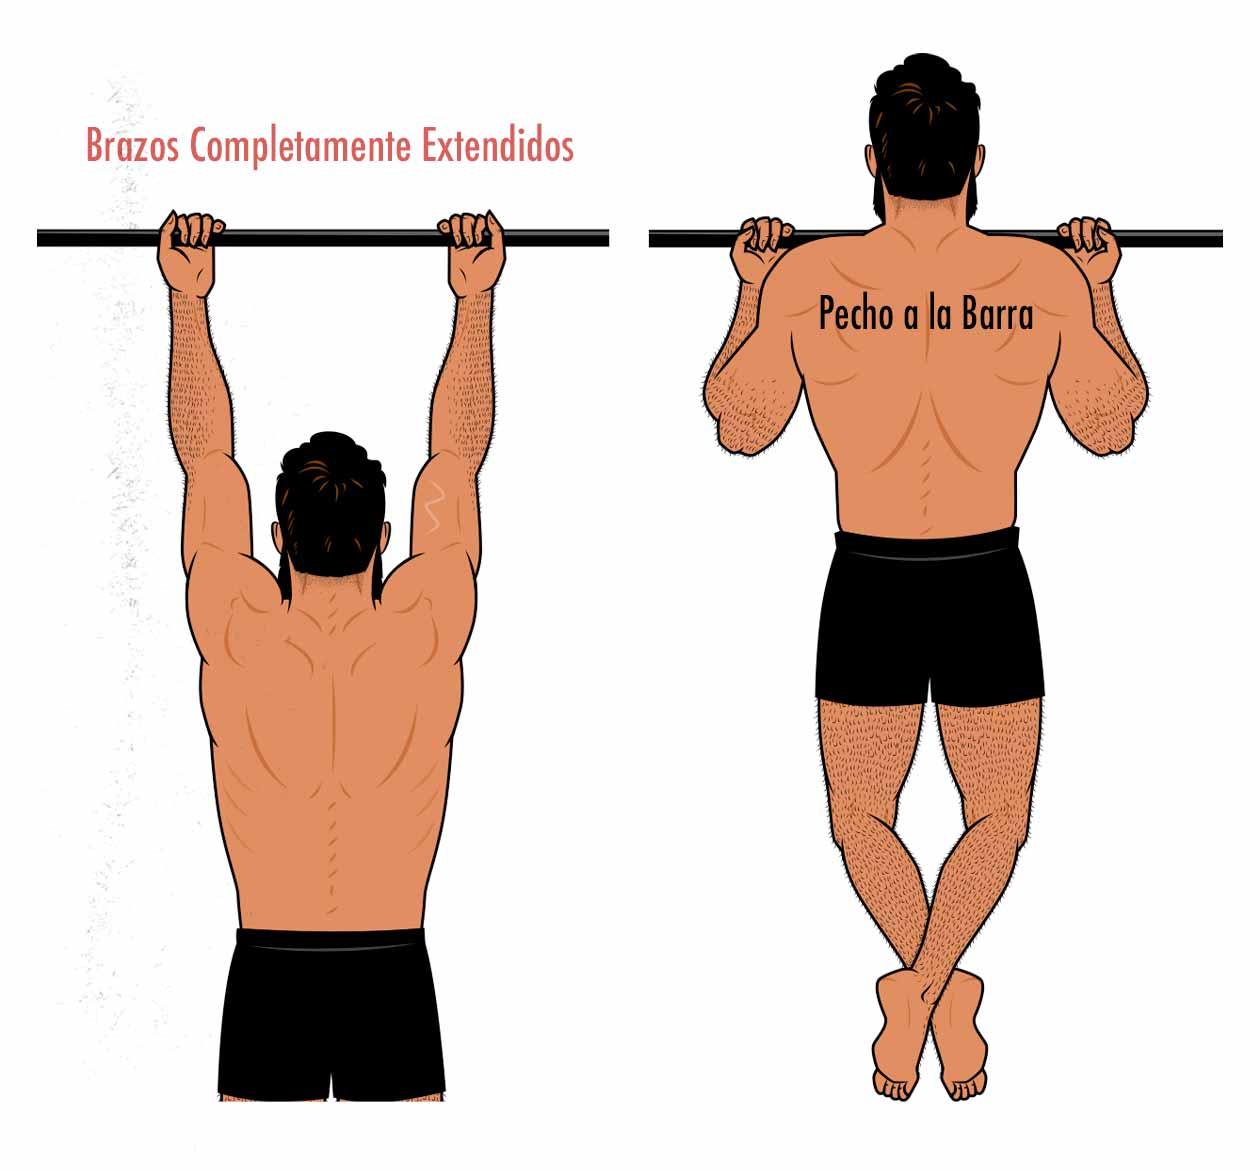 Ilustración de un chin-up realizado con un rango de movimiento completo: desde una posición con los brazos completamente extendidos hasta que el pecho toque la barra.